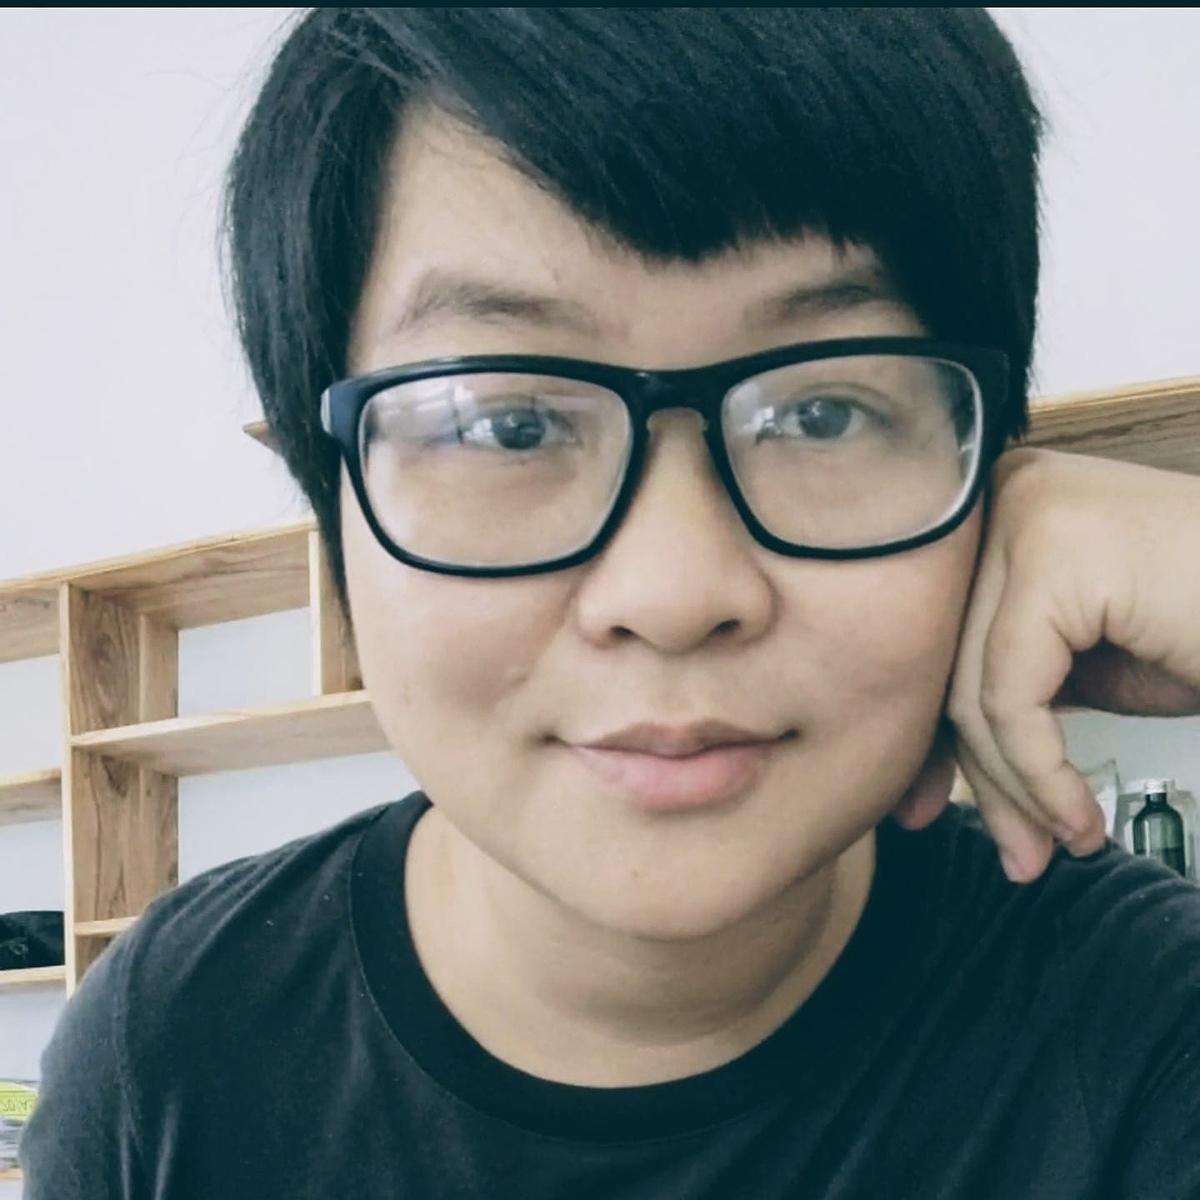 Bùi Thị Hồng Thu. Ảnh: Facebook nhân vật.